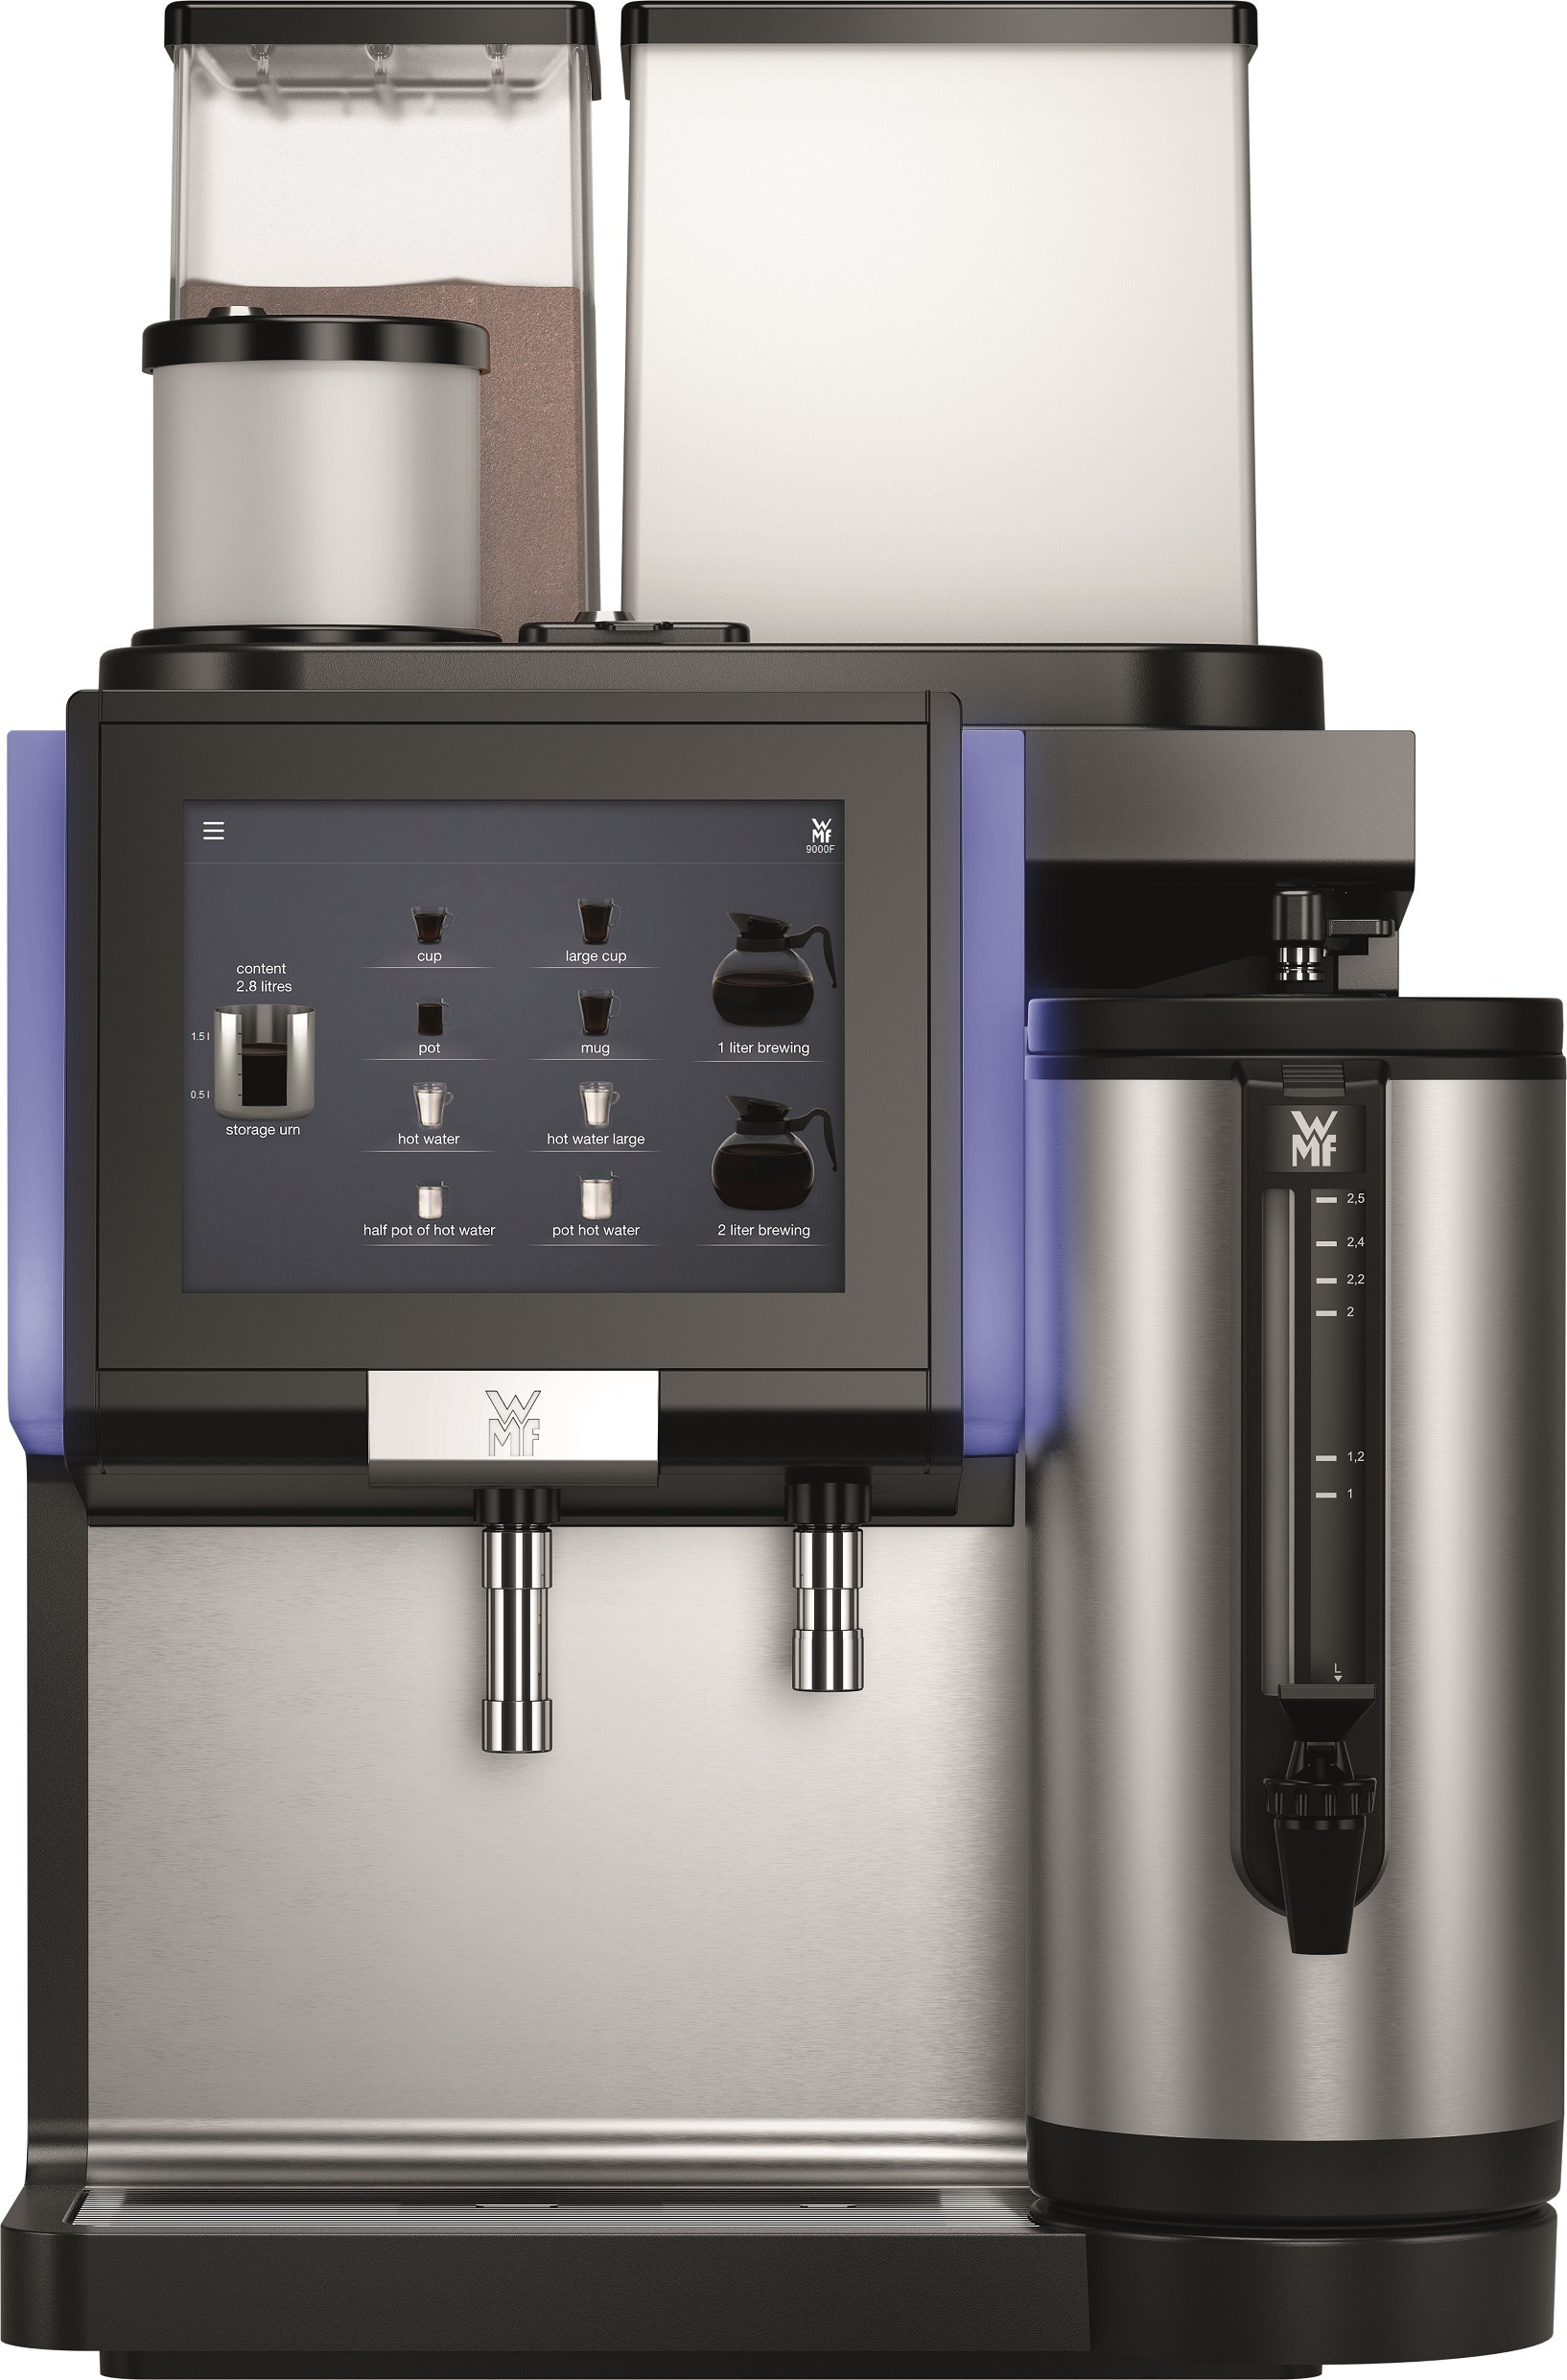 WMF 9000 F met thermoskan | KoffiePartners